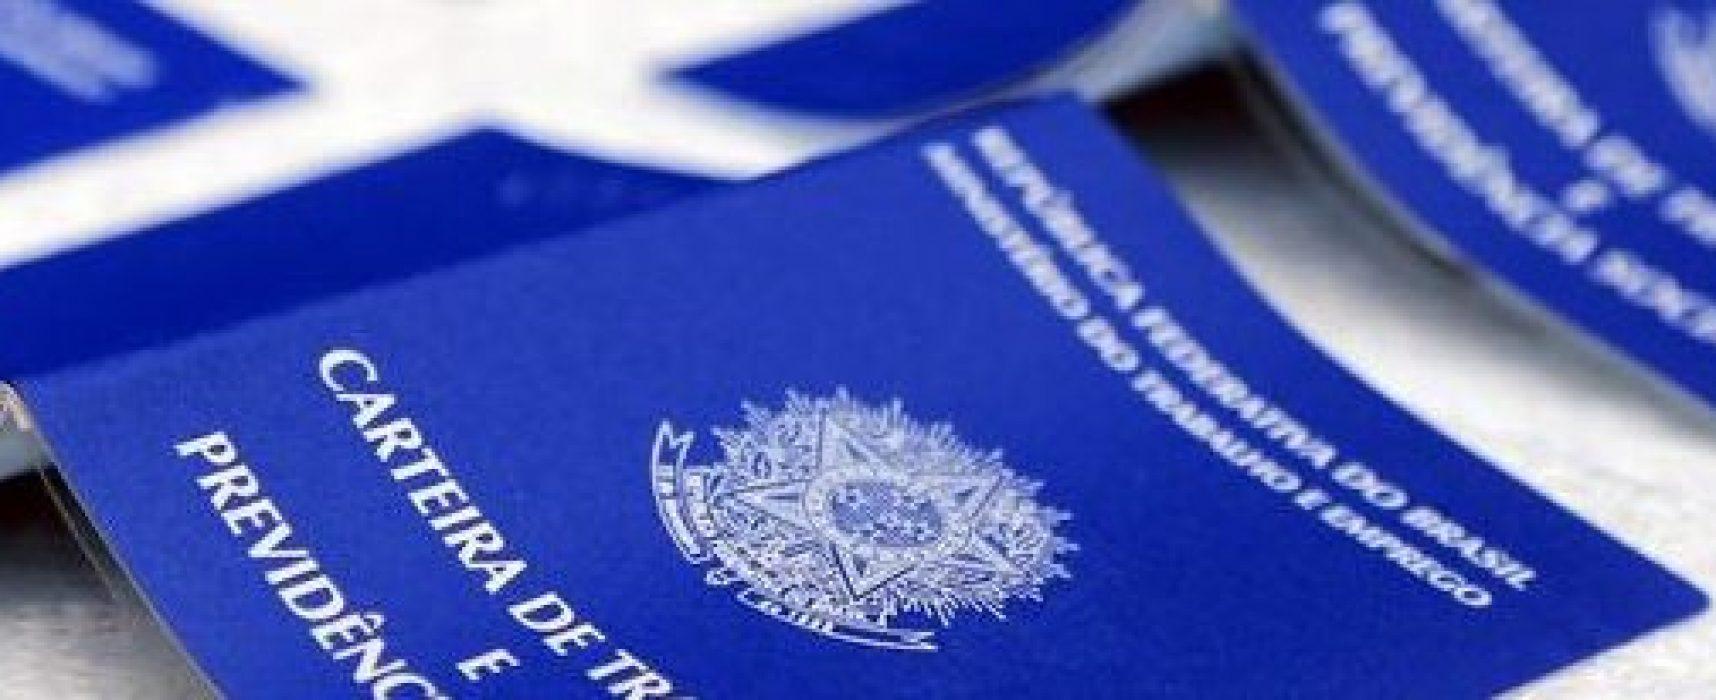 Confira vagas de emprego disponíveis no Sine Bahia nesta segunda-feira